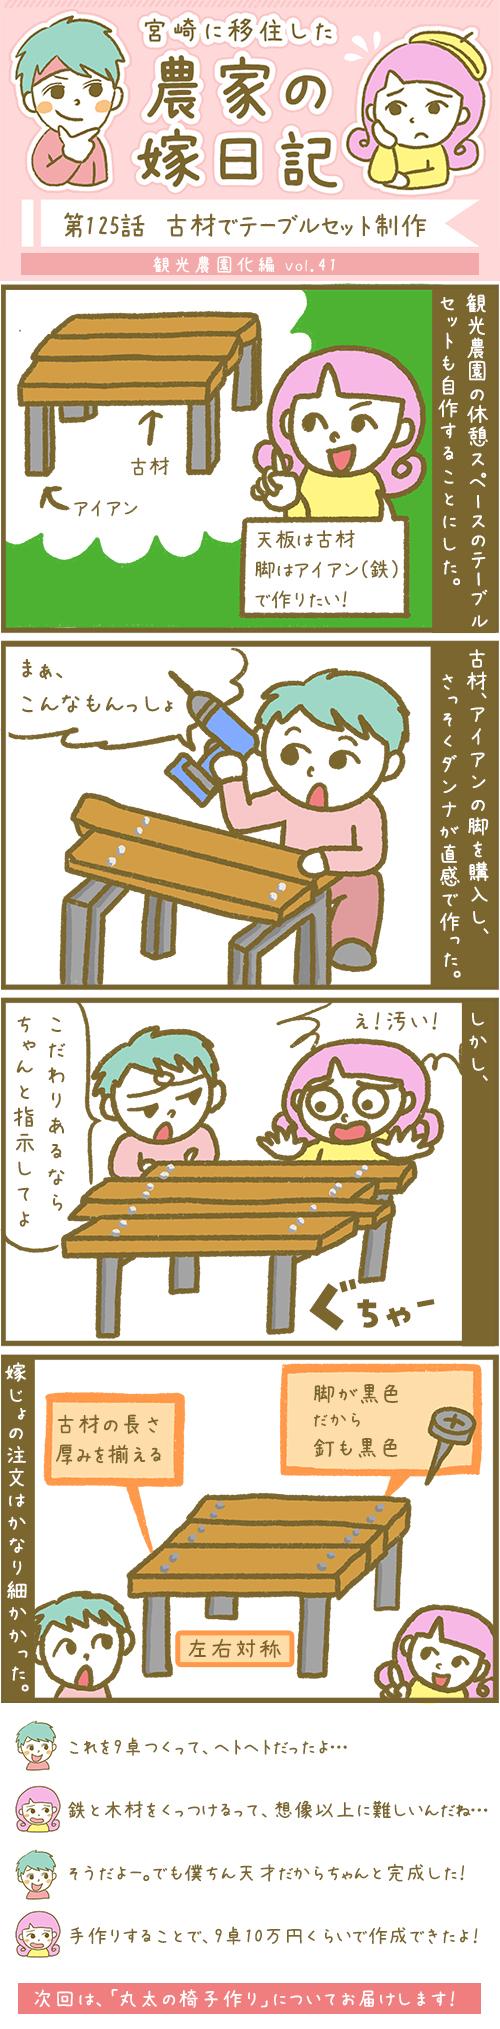 漫画第125話